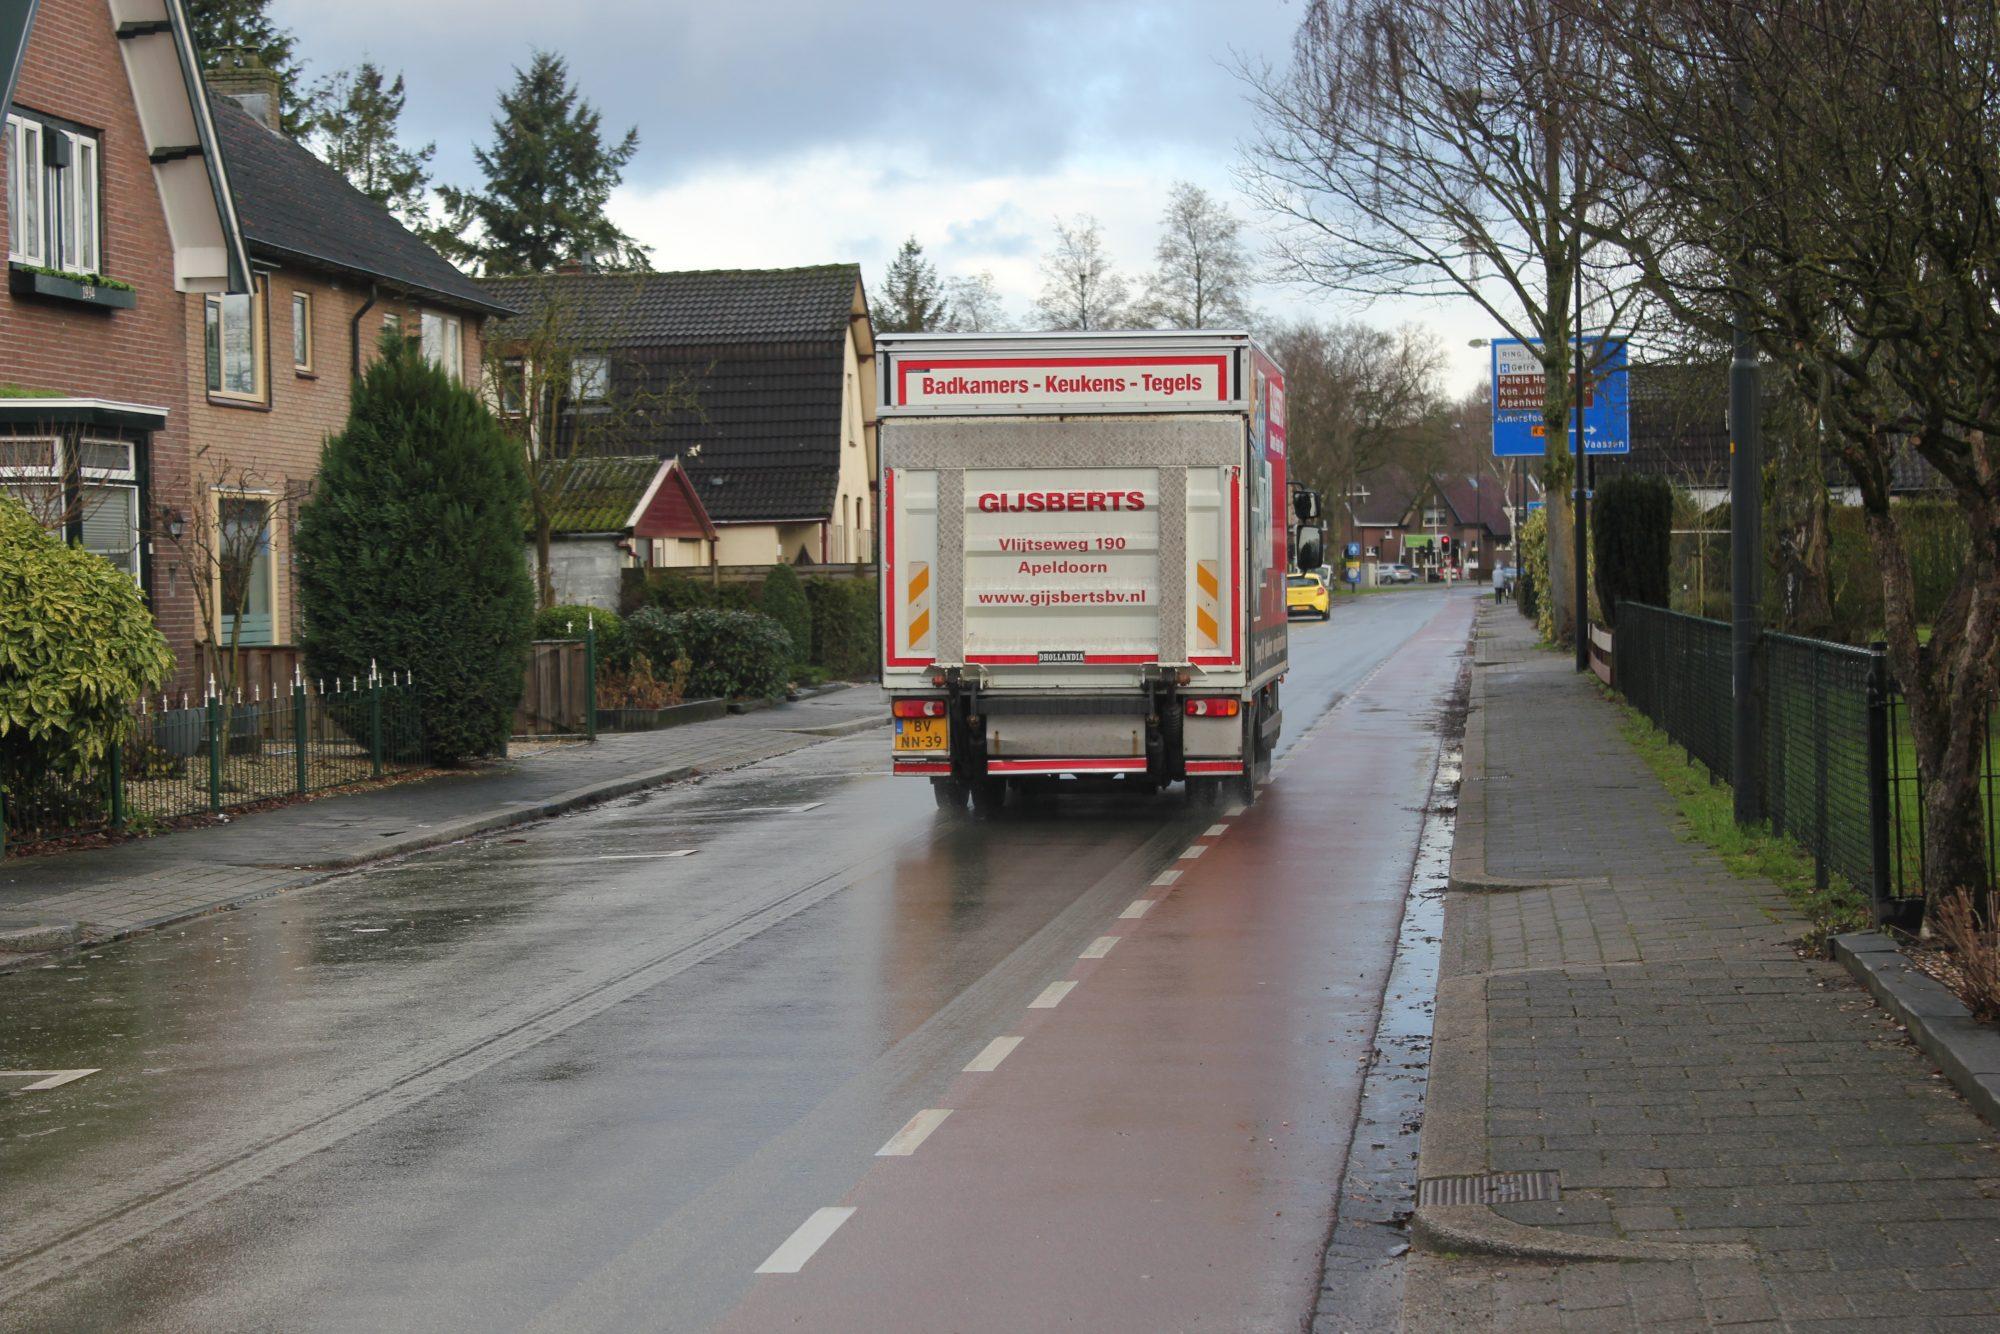 Gijsberts Apeldoorn Badkamers : Kijk op de wijk hertenlaan en reeënlaan nieuws apeldoorn direct